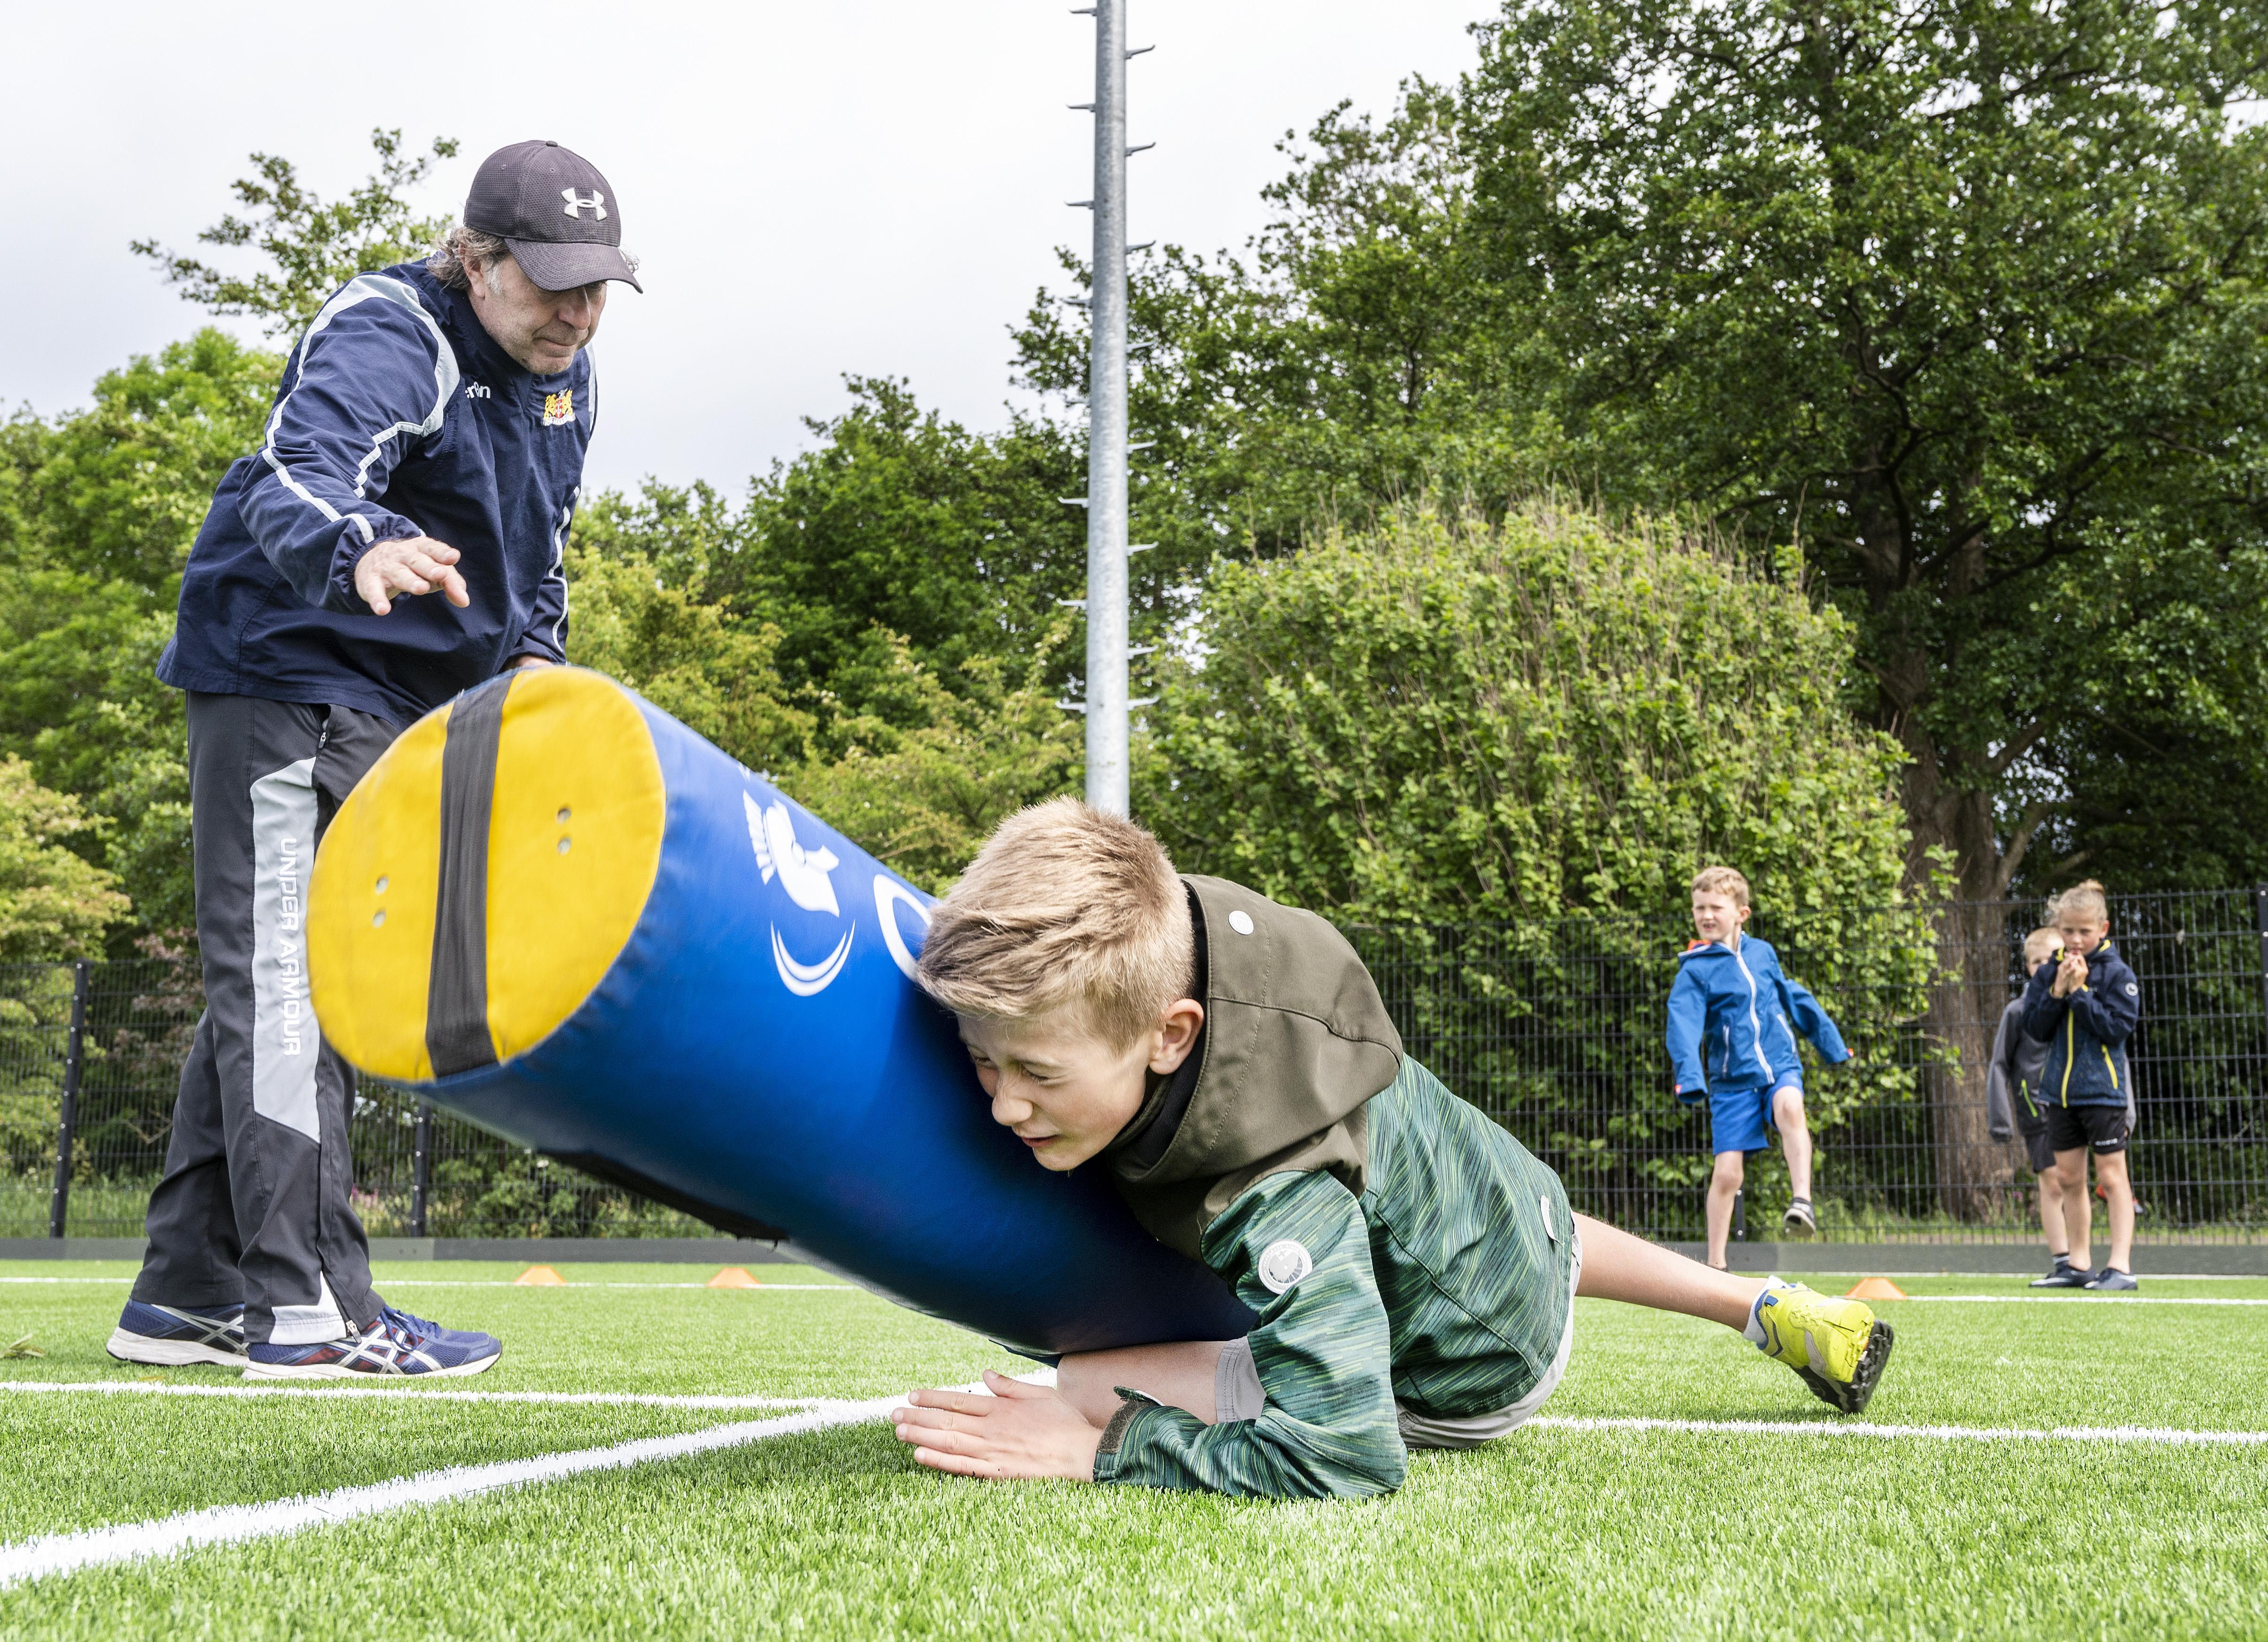 Sportverenigingen in regio Haarlem maken zich zorgen over gevolgen van langere coronalockdown: 'We zijn financieel gezond. Maar als het lang duurt, gaat het knellen'